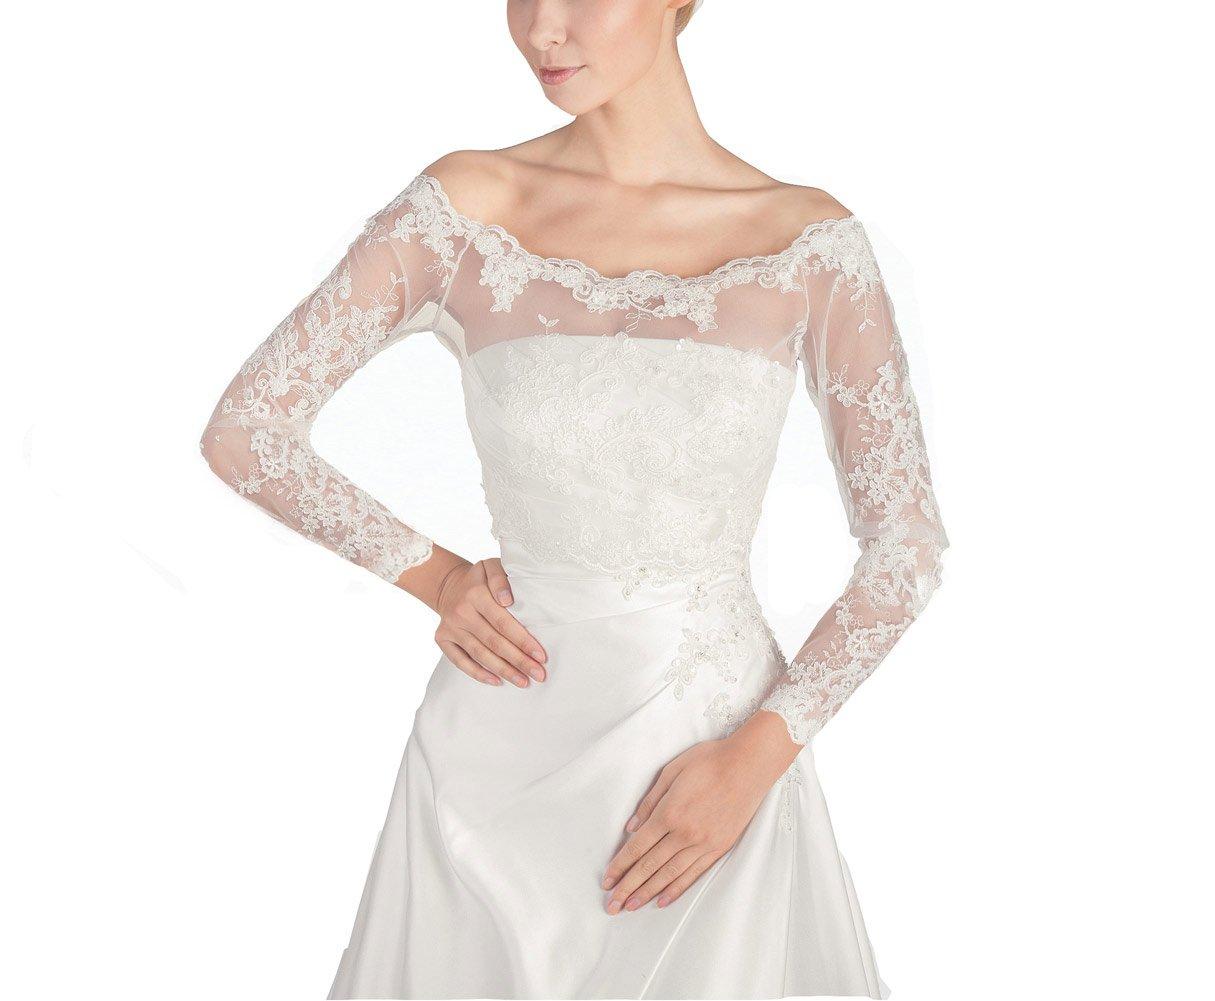 GEORGE BRIDE Women's Wedding Bolero Lace Jacket with Medium Sleeve Lace Jackets (M-long Sleeve, Ivory)